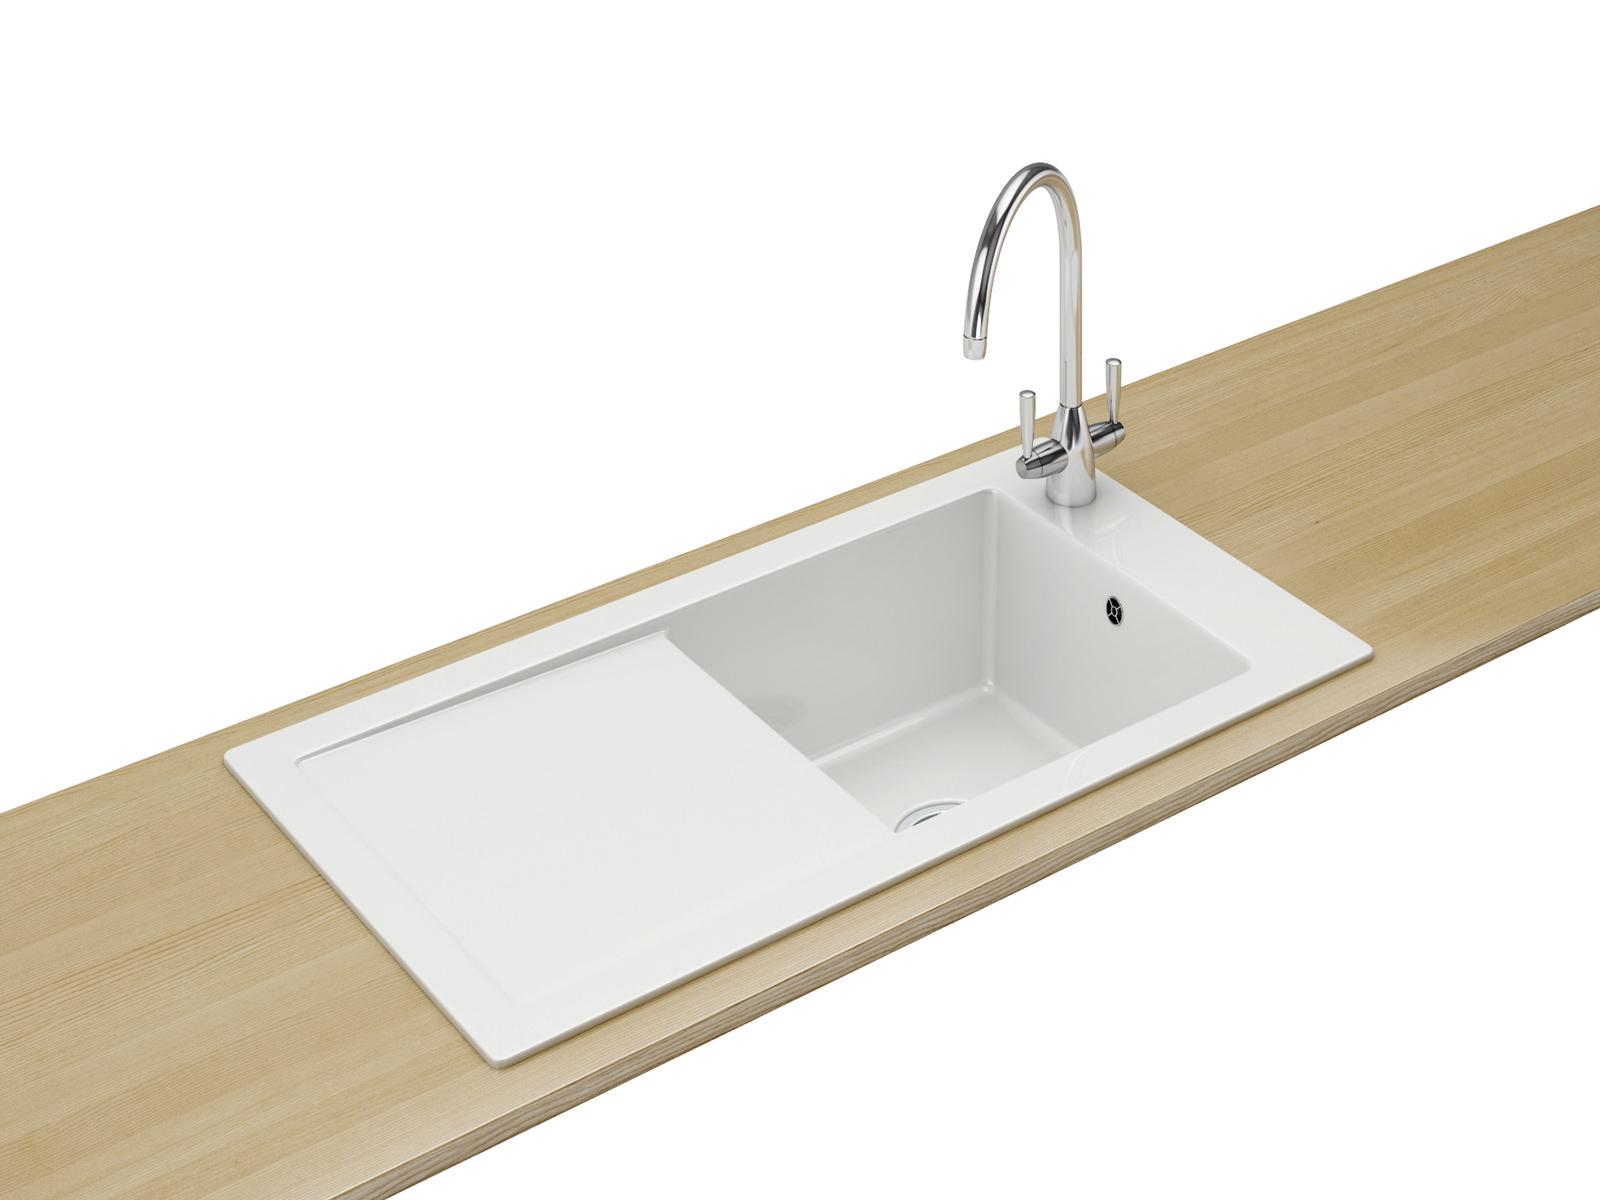 Franke Aspen ANK 611 Ceramic White 1.0 Bowl Inset Sink 124.0318.857